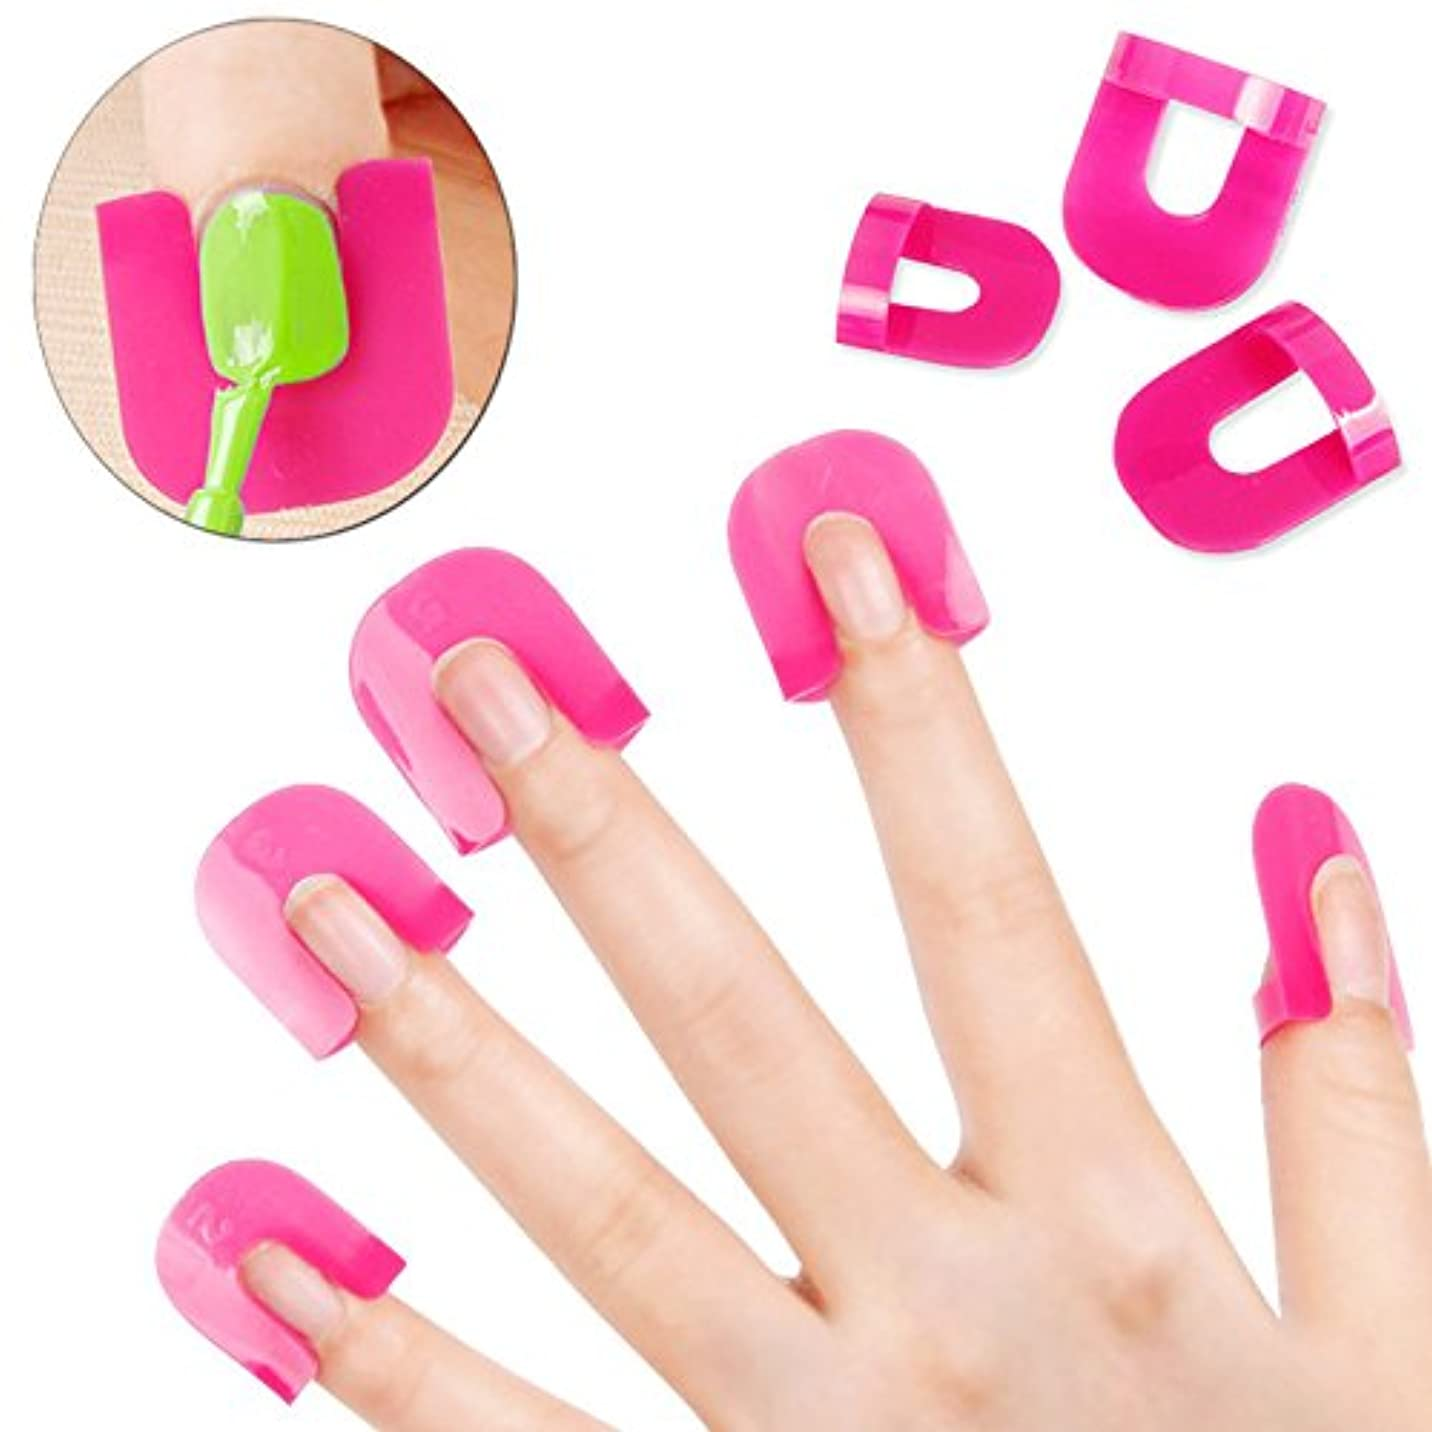 バーチャル有料口実New 26PCS Professional French Nail Art Manicure Stickers Tips Finger Cover Polish Shield Protector Plastic Case...